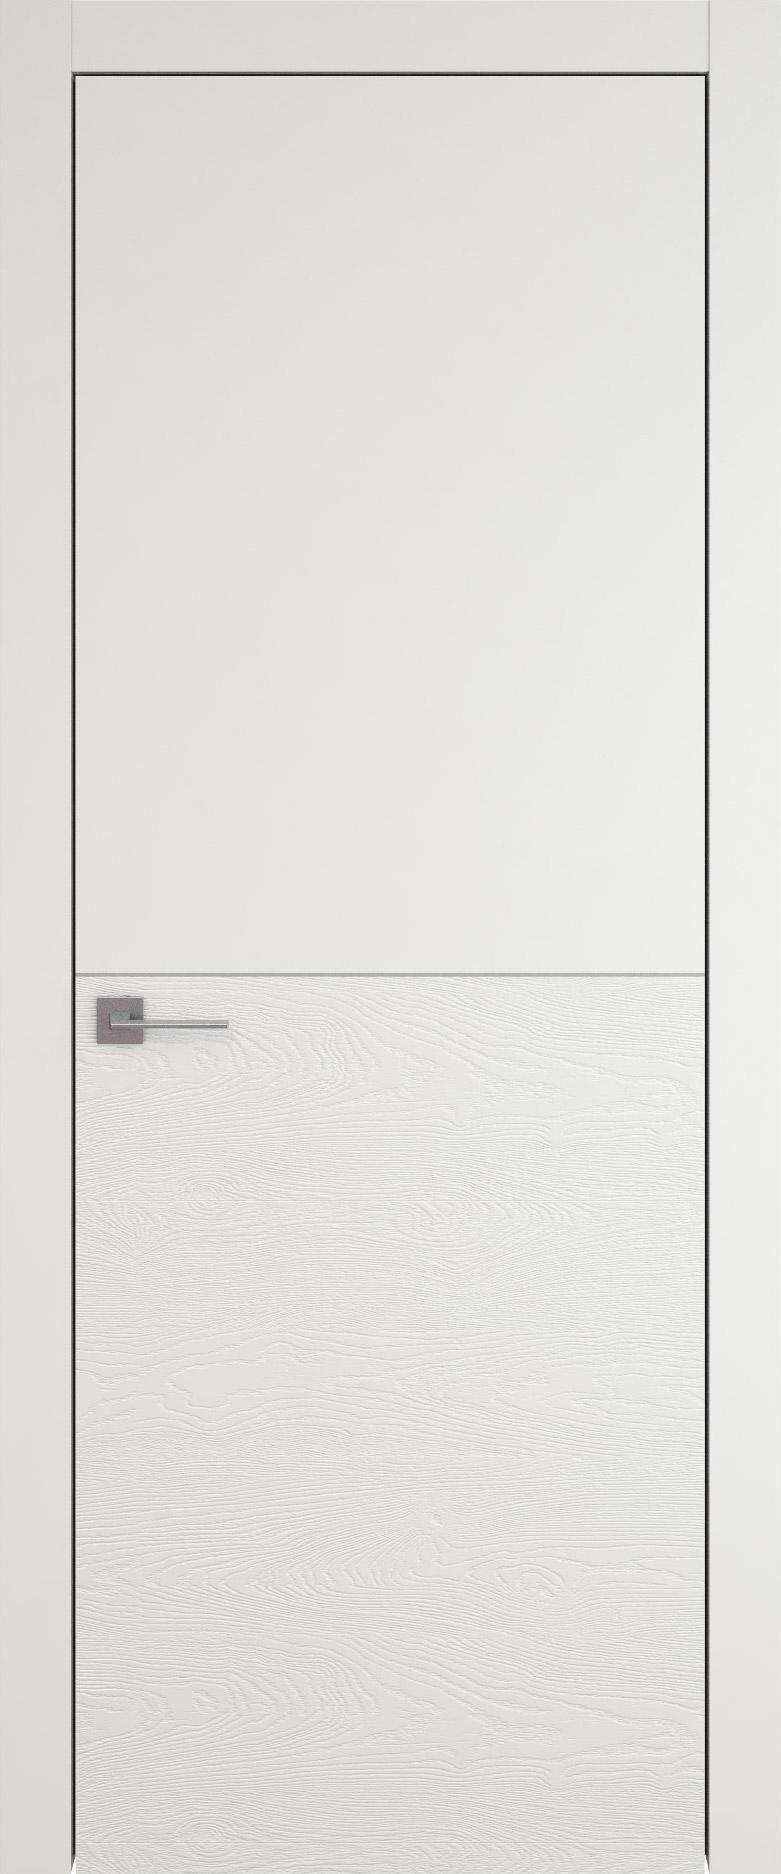 Tivoli Б-2 цвет - Бежевая эмаль-эмаль по шпону (RAL 9010) Без стекла (ДГ)